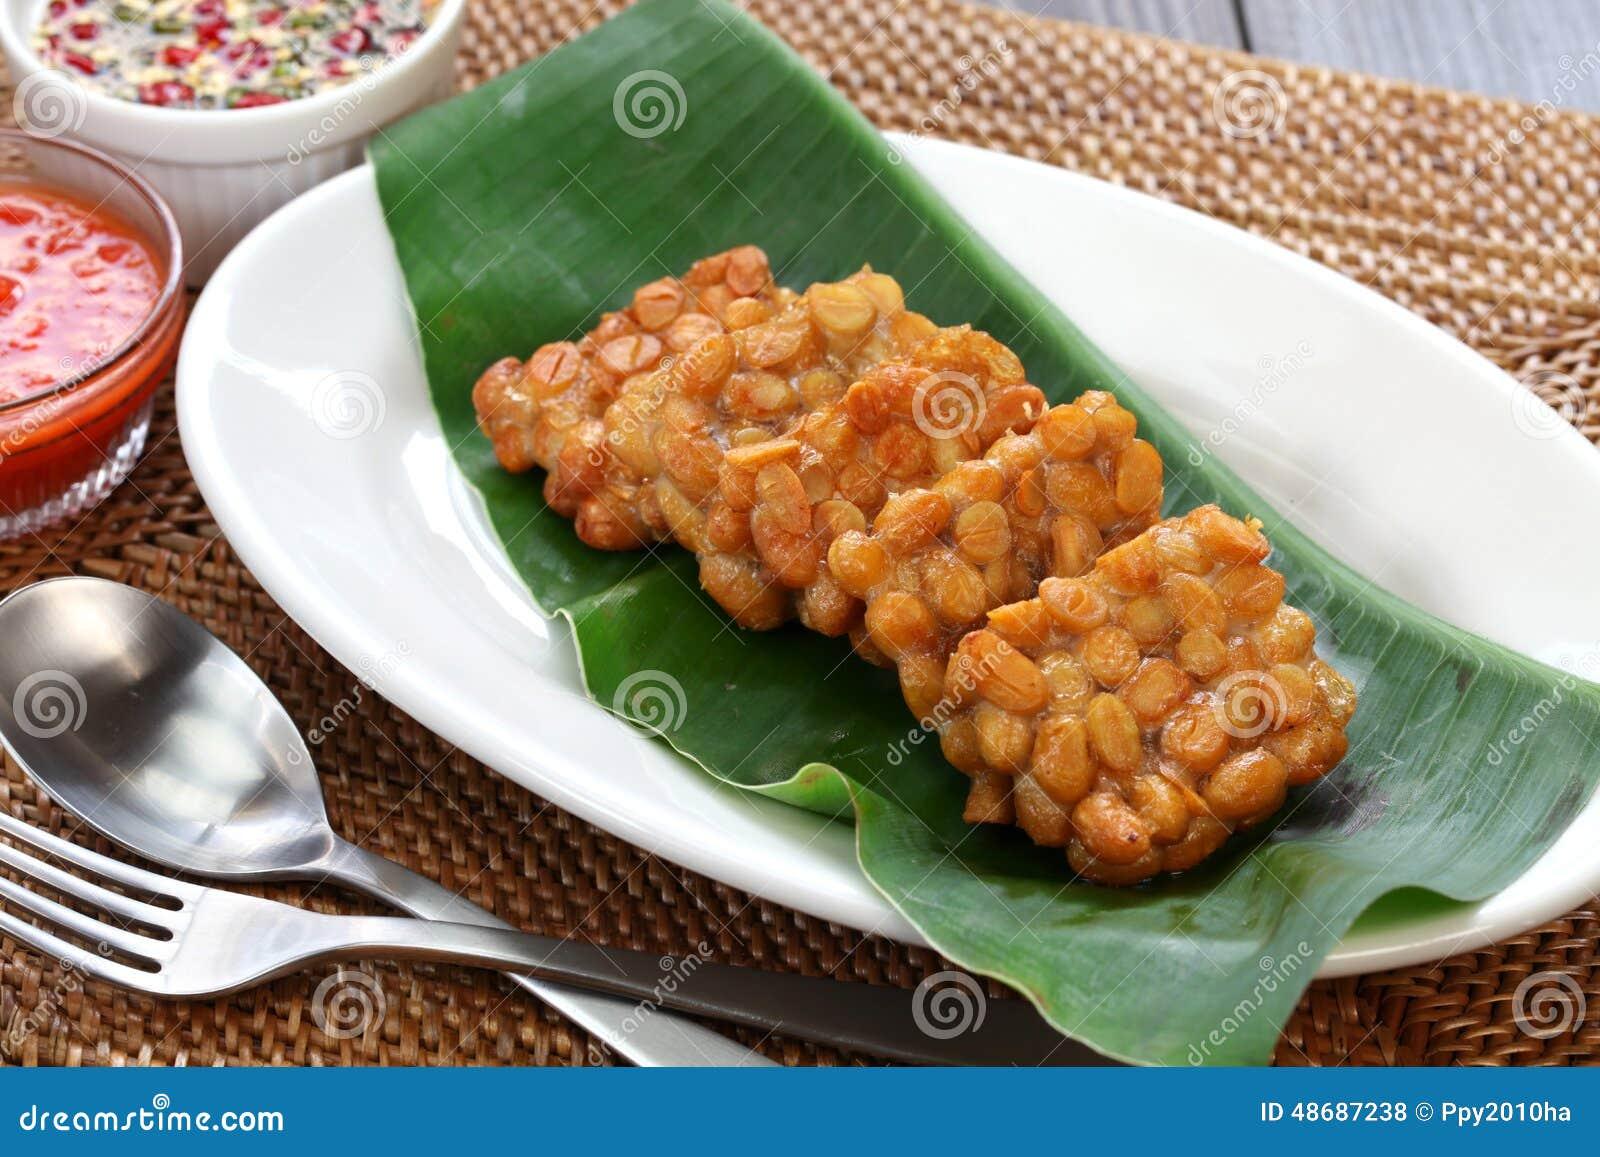 Goreng Tempe, зажаренное tempeh, индонезийская вегетарианская еда